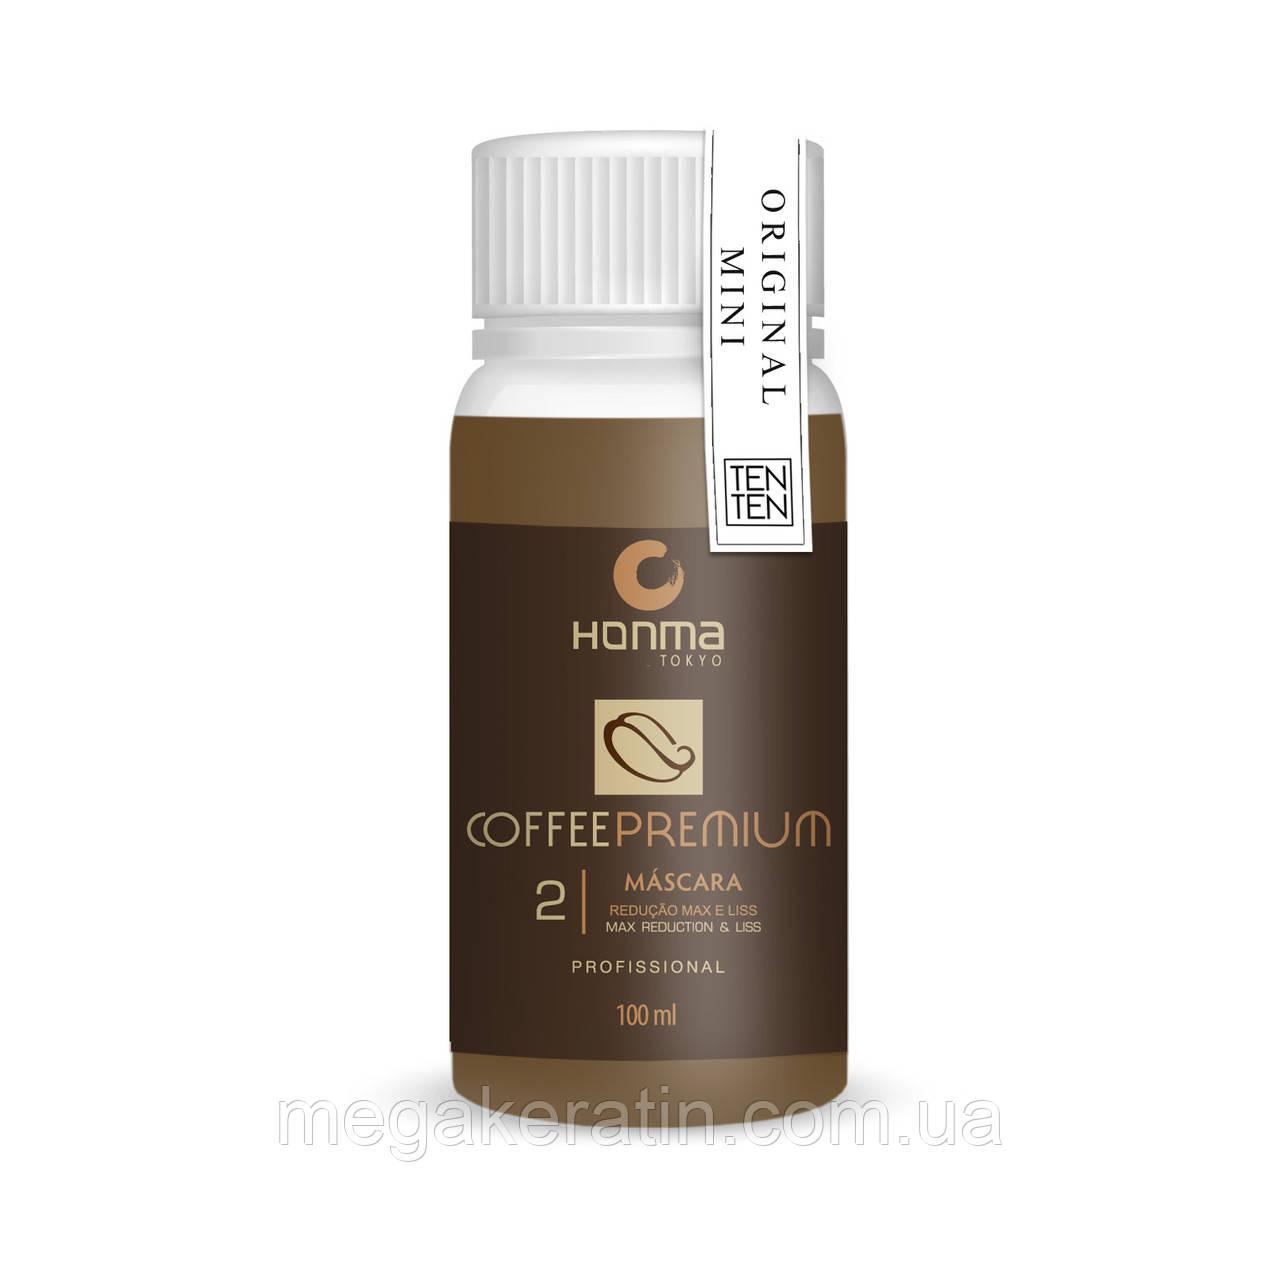 Кератин для выпрямления волос Coffee Premium (Кофе Премиум) Honma Tokyo 100мл